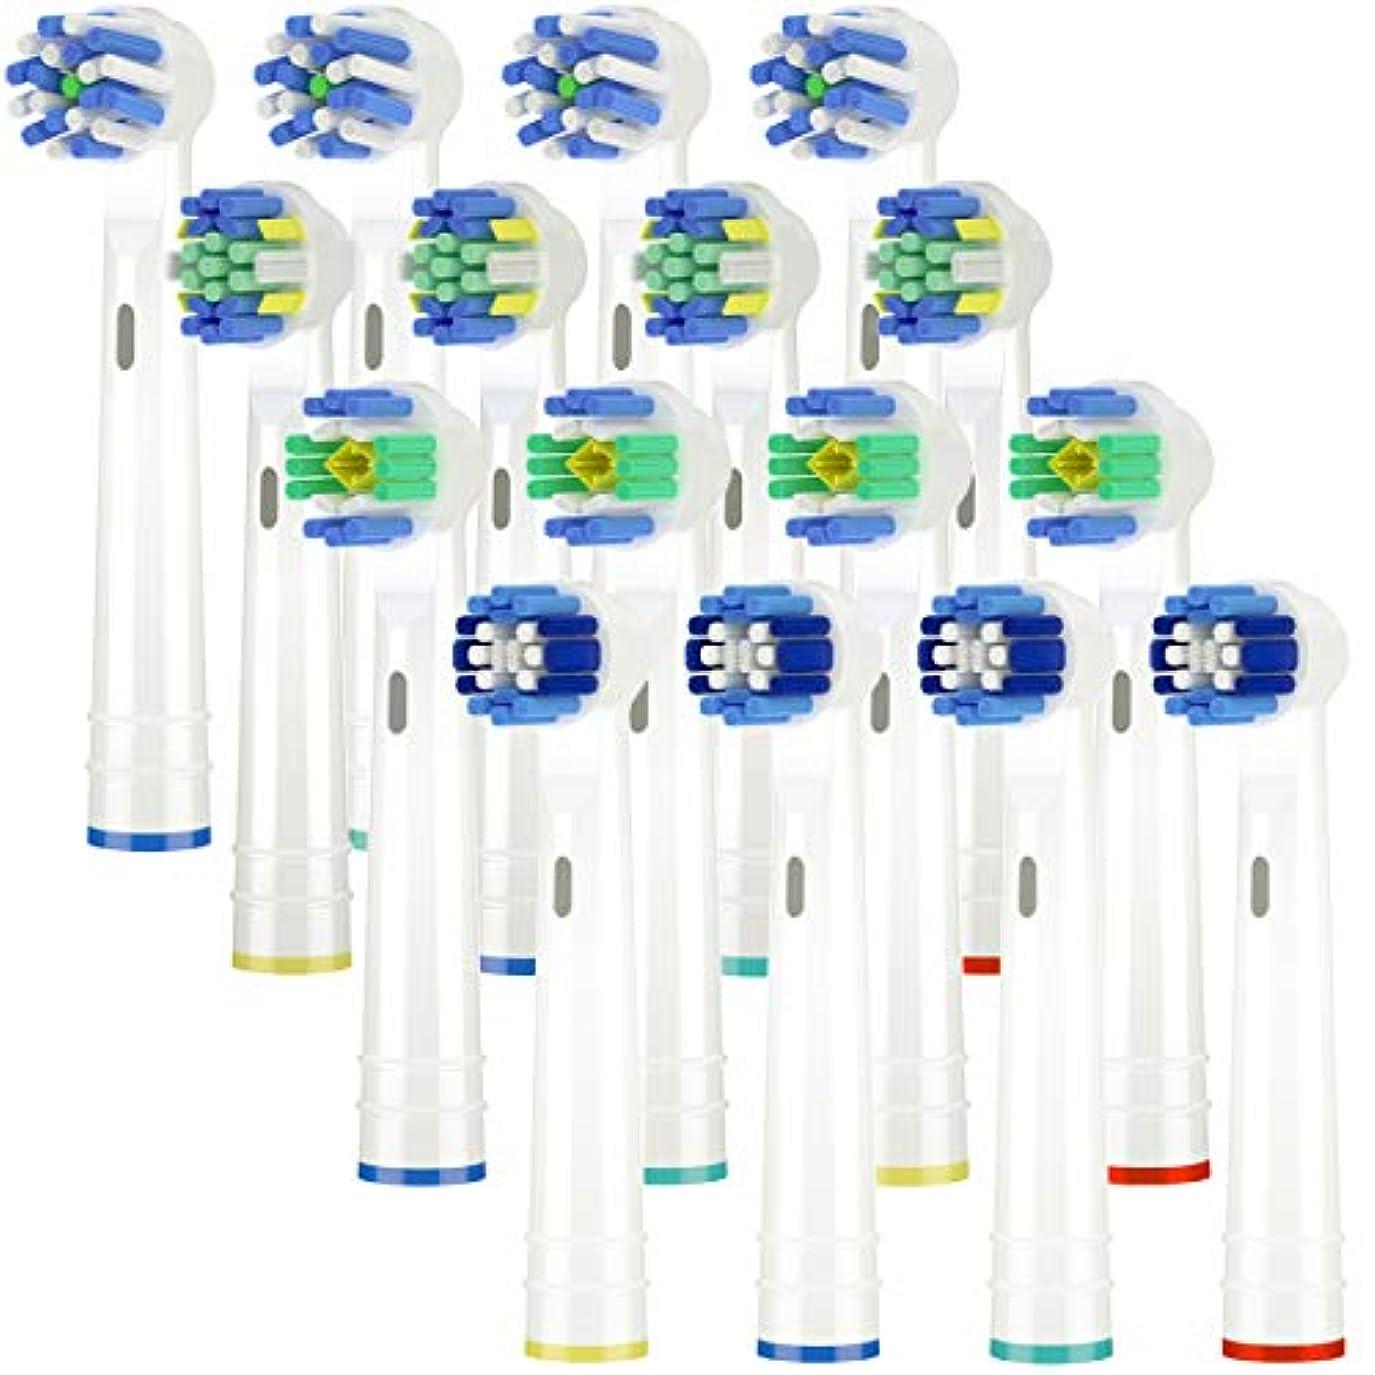 適格撤回するセンチメンタルItechnik 電動歯ブラシ 替えブラシ ブラウン オーラルB 対応 替えブラシ 4種類が入り:ホワイトニングブラシ 、ベーシックブラシ、歯間ワイパー付きブラシ、マルチアクションブラシ 凡用な16本